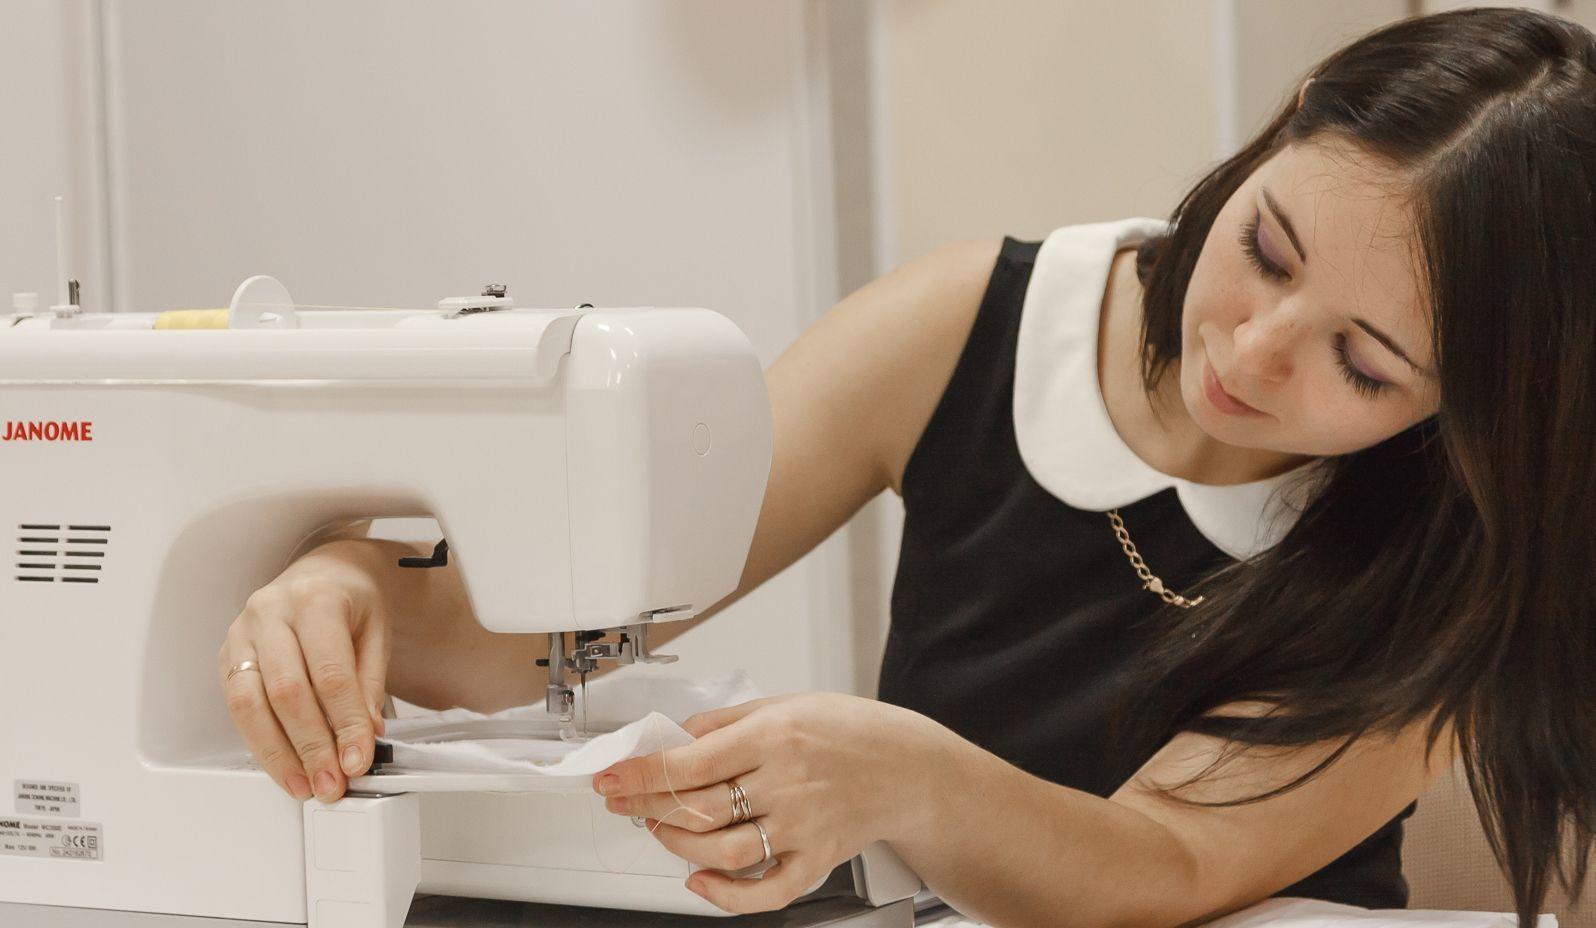 Работа на швейной машинке